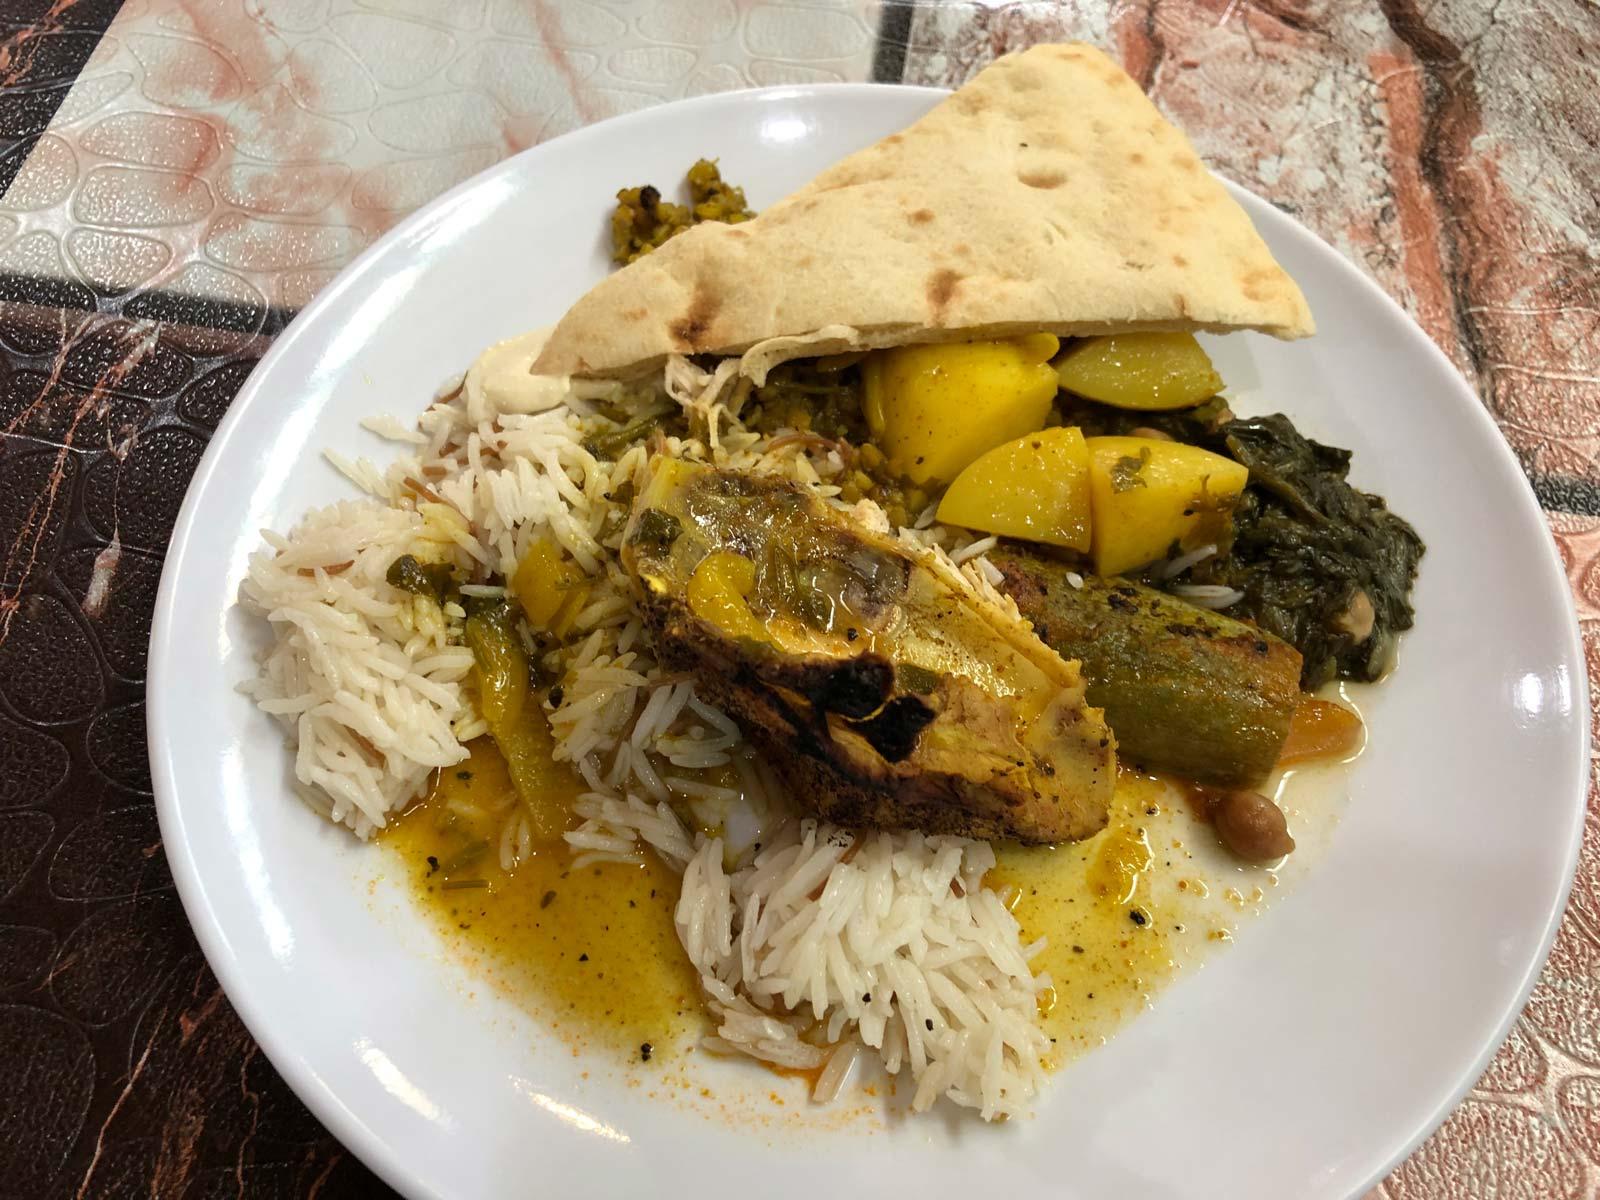 Essen in Jordanien - Hühnchen